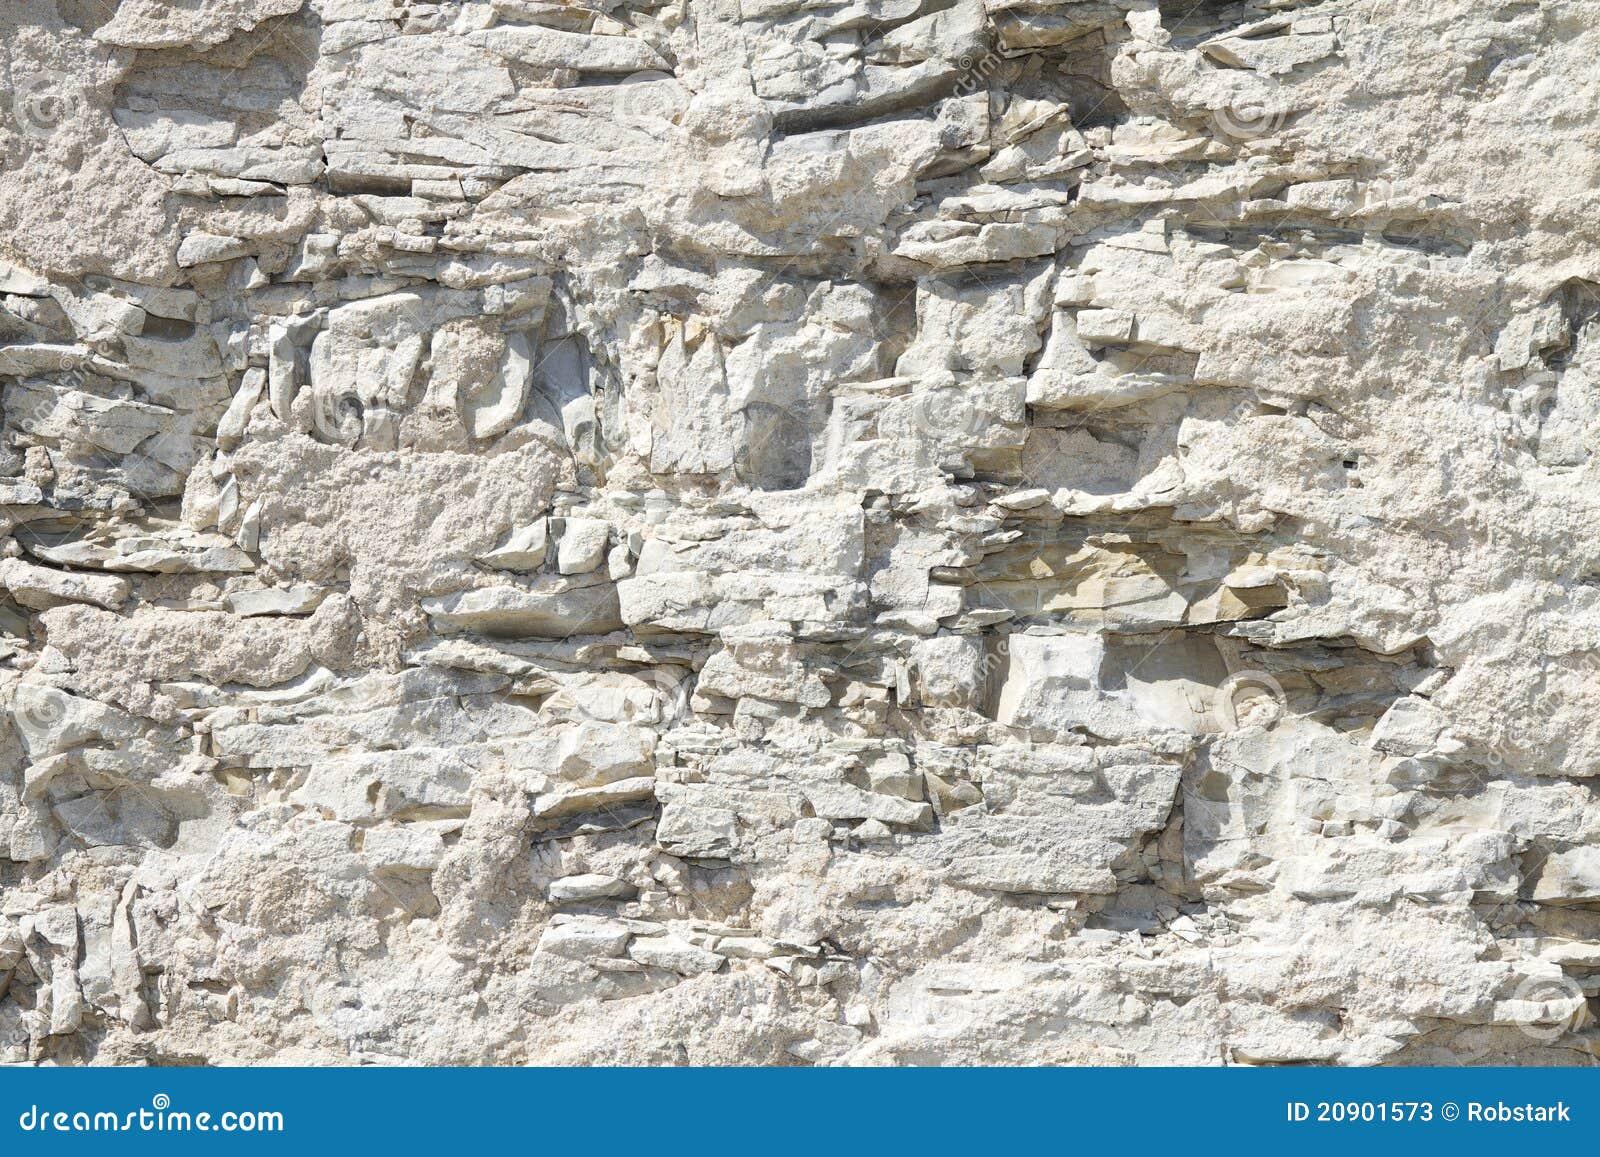 Struttura Di Una Parete Di Pietra Bianca Dentellata Fotografie Stock - Immagine: 20901573